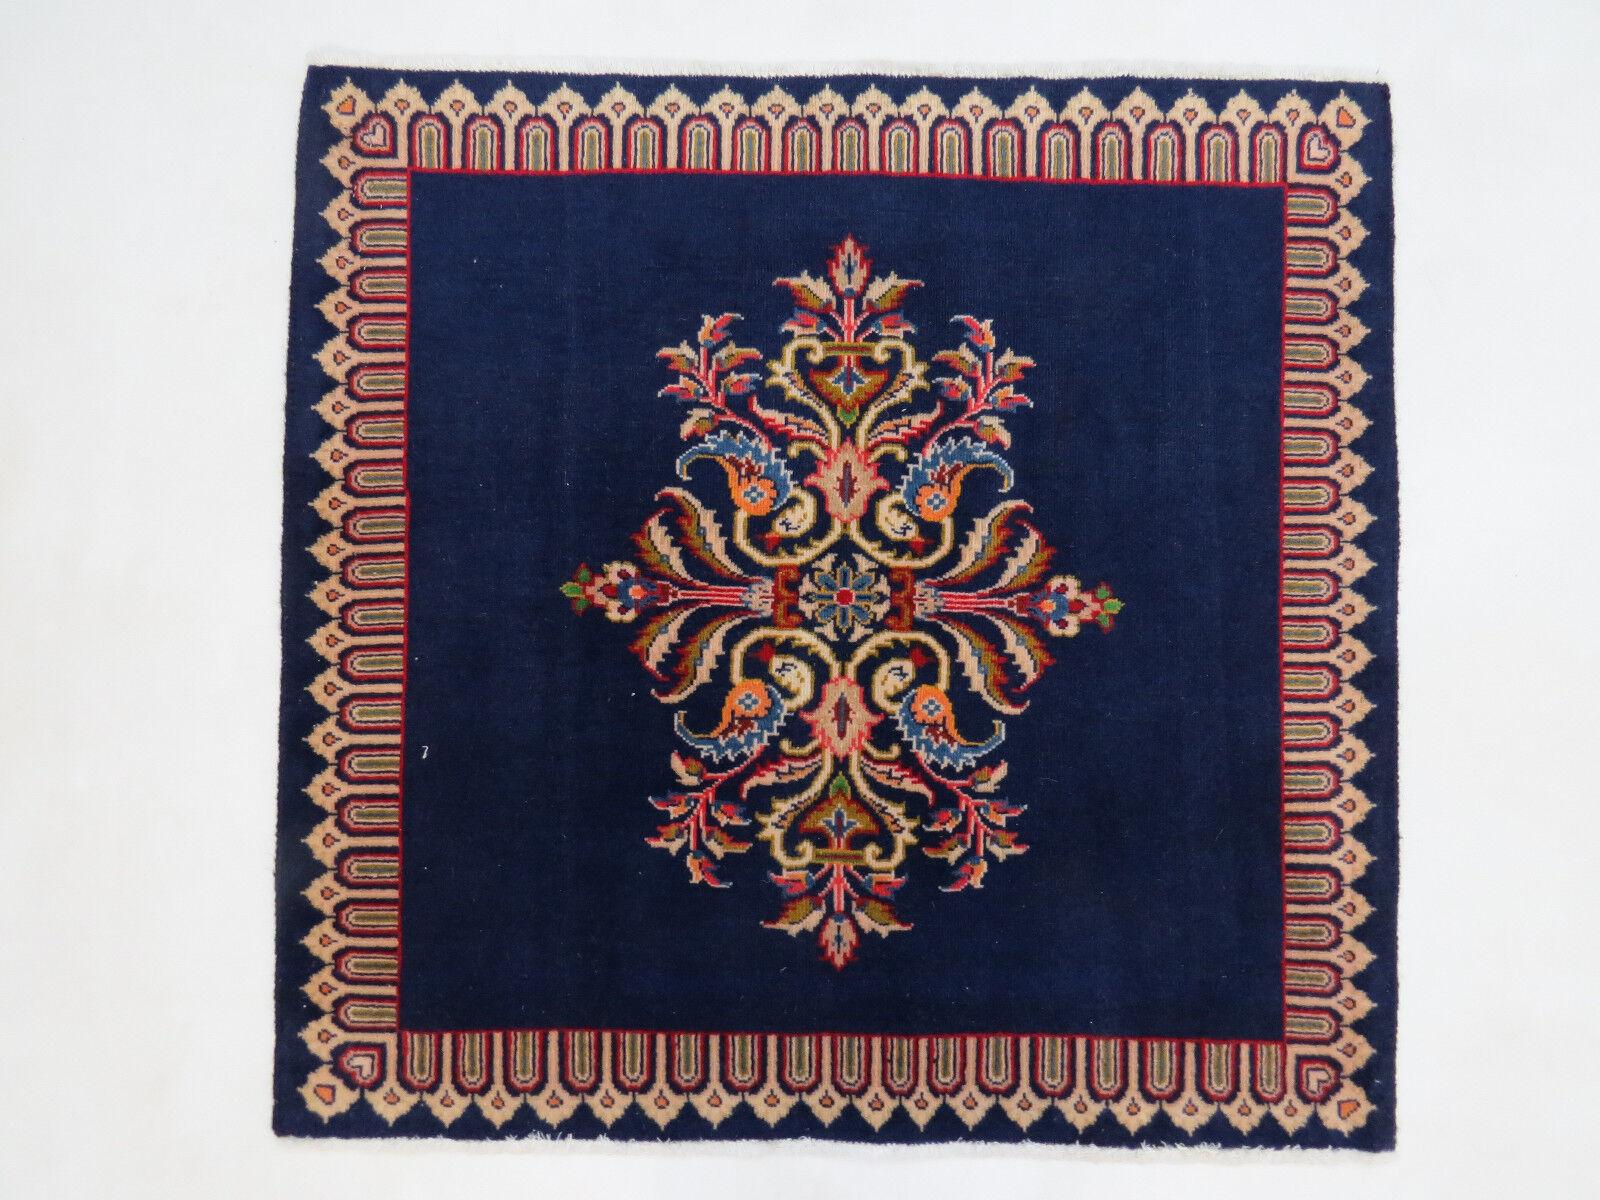 Handgeknüpfter Noble Tapis Oriental (cm 92x94) 92x94) 92x94) Kashan excellent état Persan | Des Technologies Sophistiquées  46897d